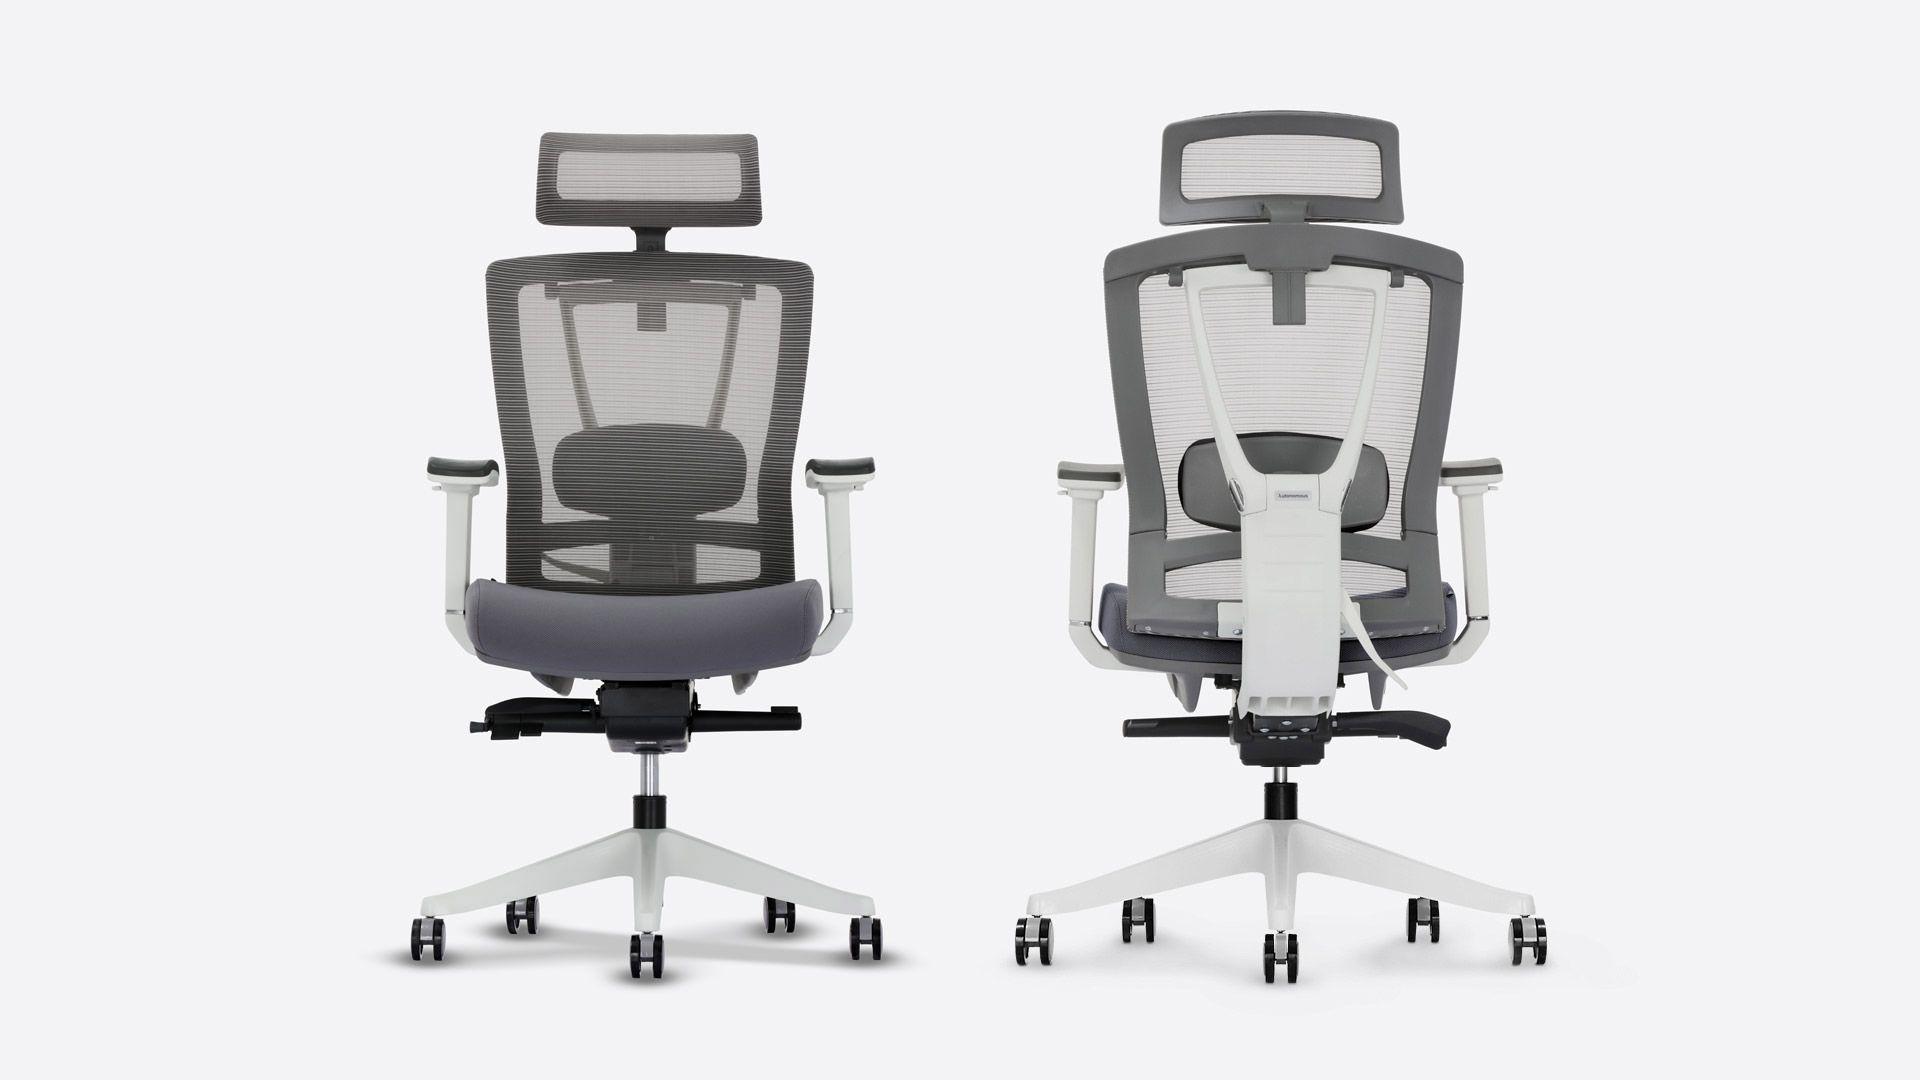 Ergochair 2 cool gray office chair ergonomic chair